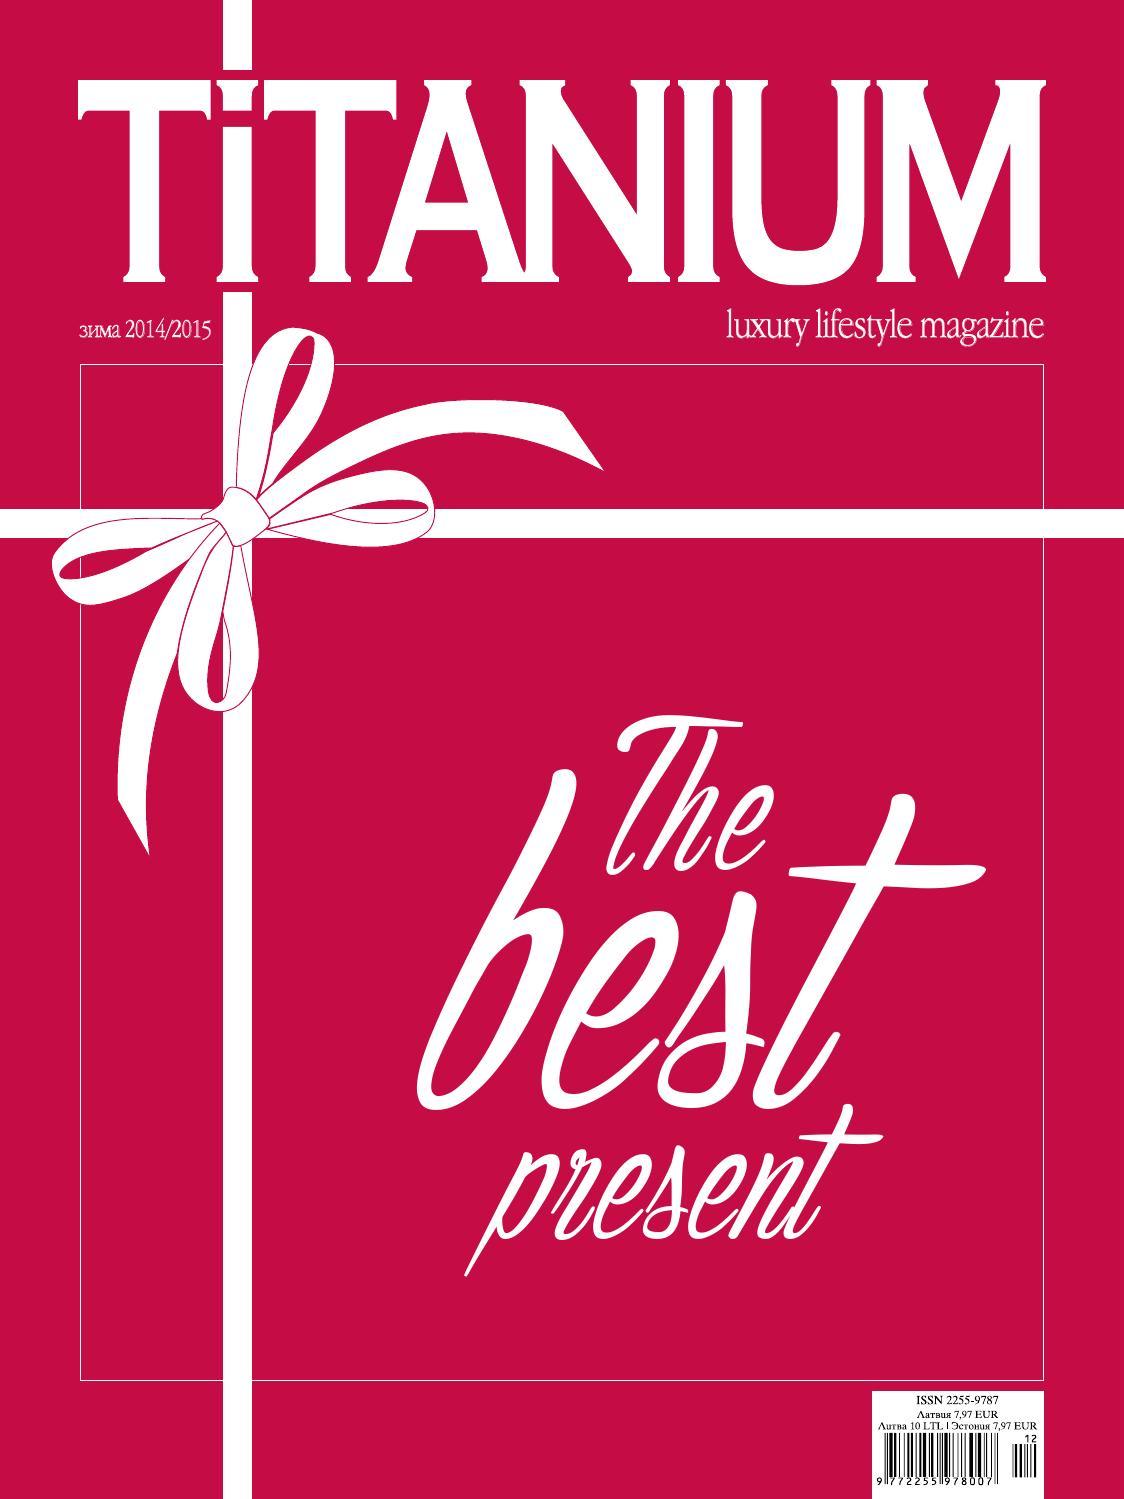 545b1cea76c3 Titanium nr30 web by Platinum magazine - issuu